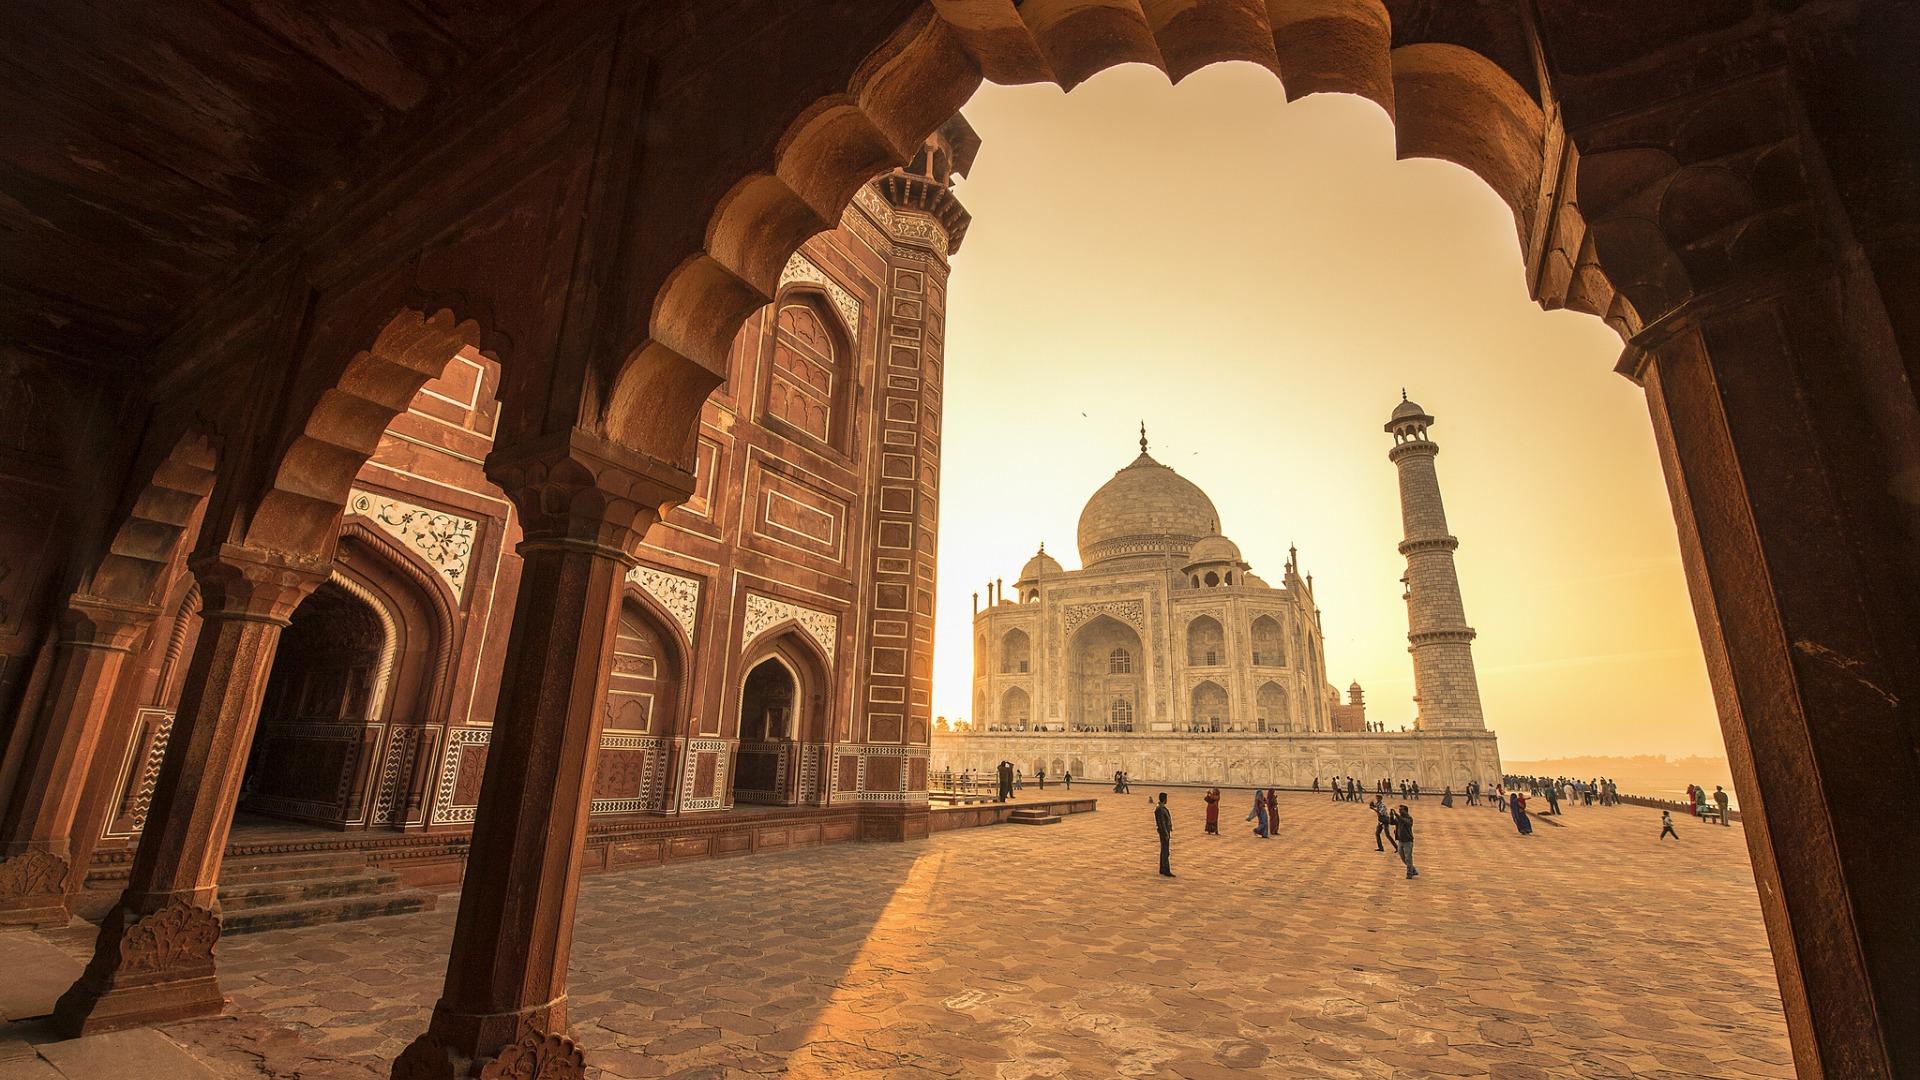 МИД призвал туристов изРФсоблюдать осторожность награнице Индии иПакистана